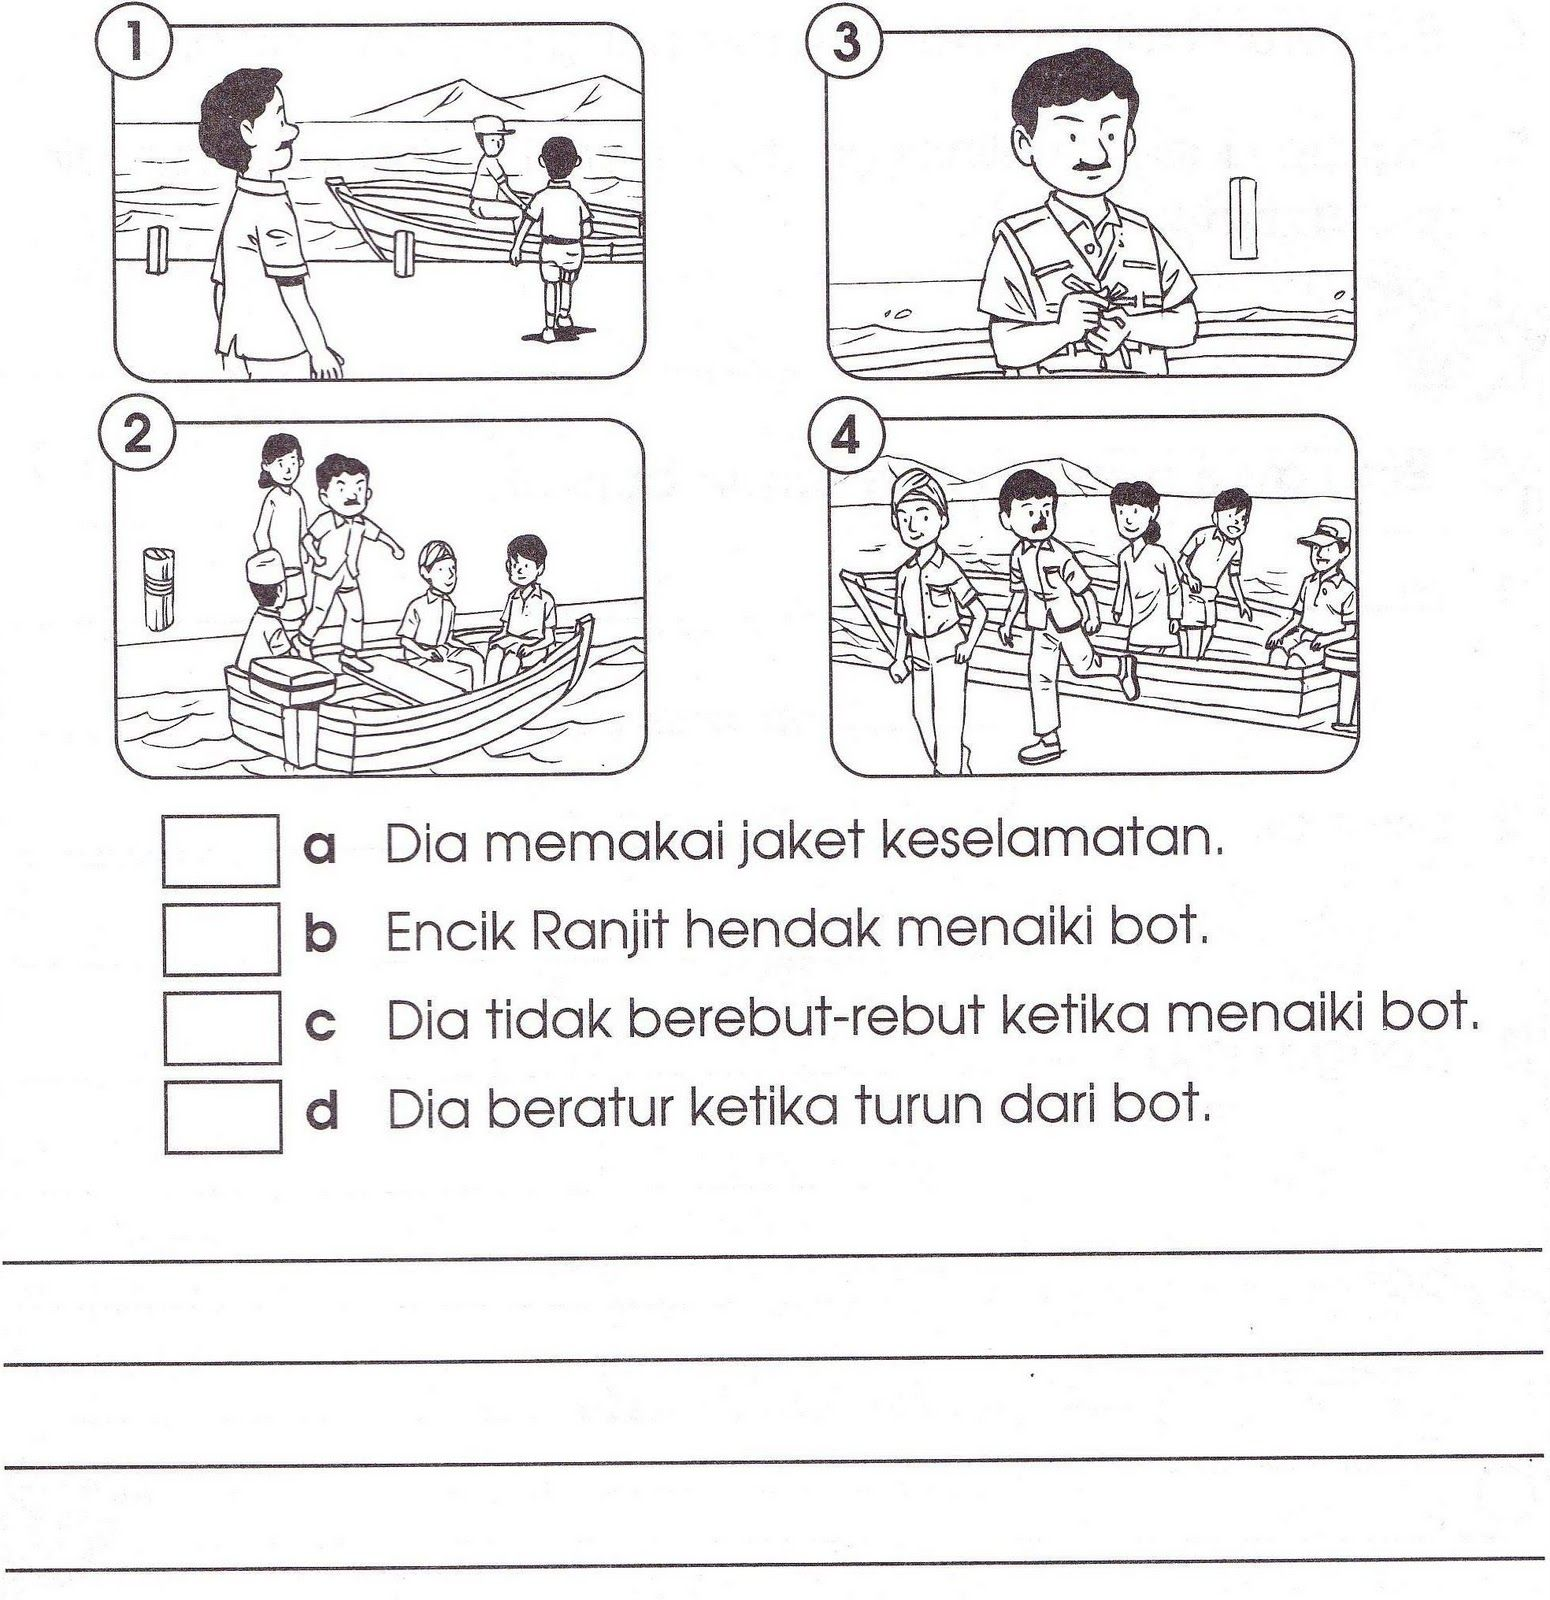 Bahasa Melayu Tahun 2 Latihan Dan Aktiviti School Kids Activities Preschool Activities Preschool Worksheets